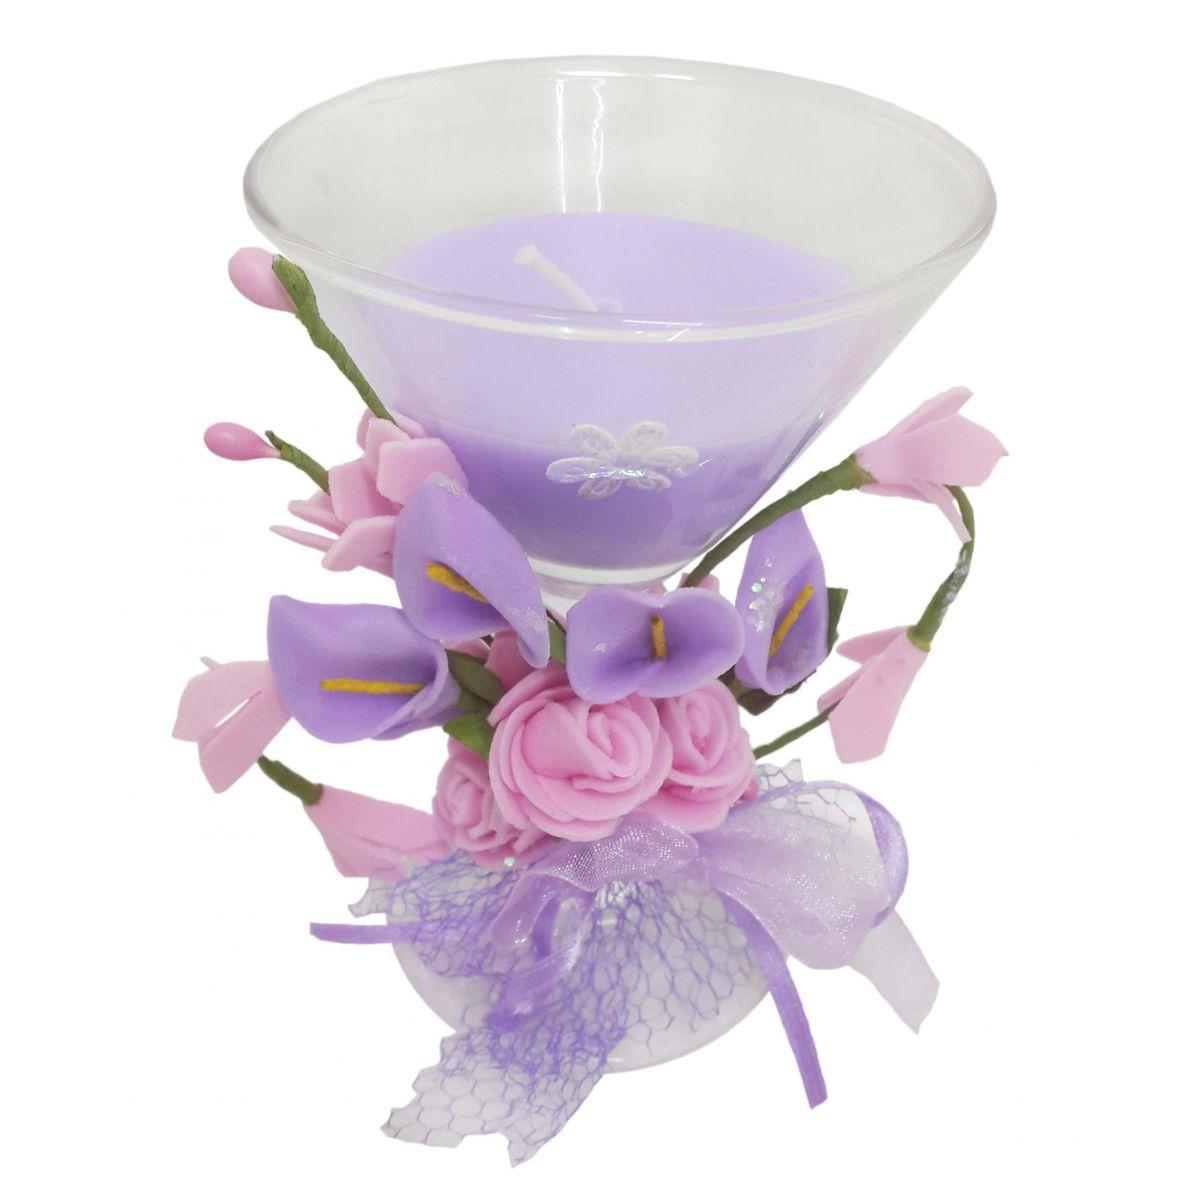 Vela Parafina Decorativa Media Larga Festas Casamento 15 Anos Flor Lilas (WL-D)